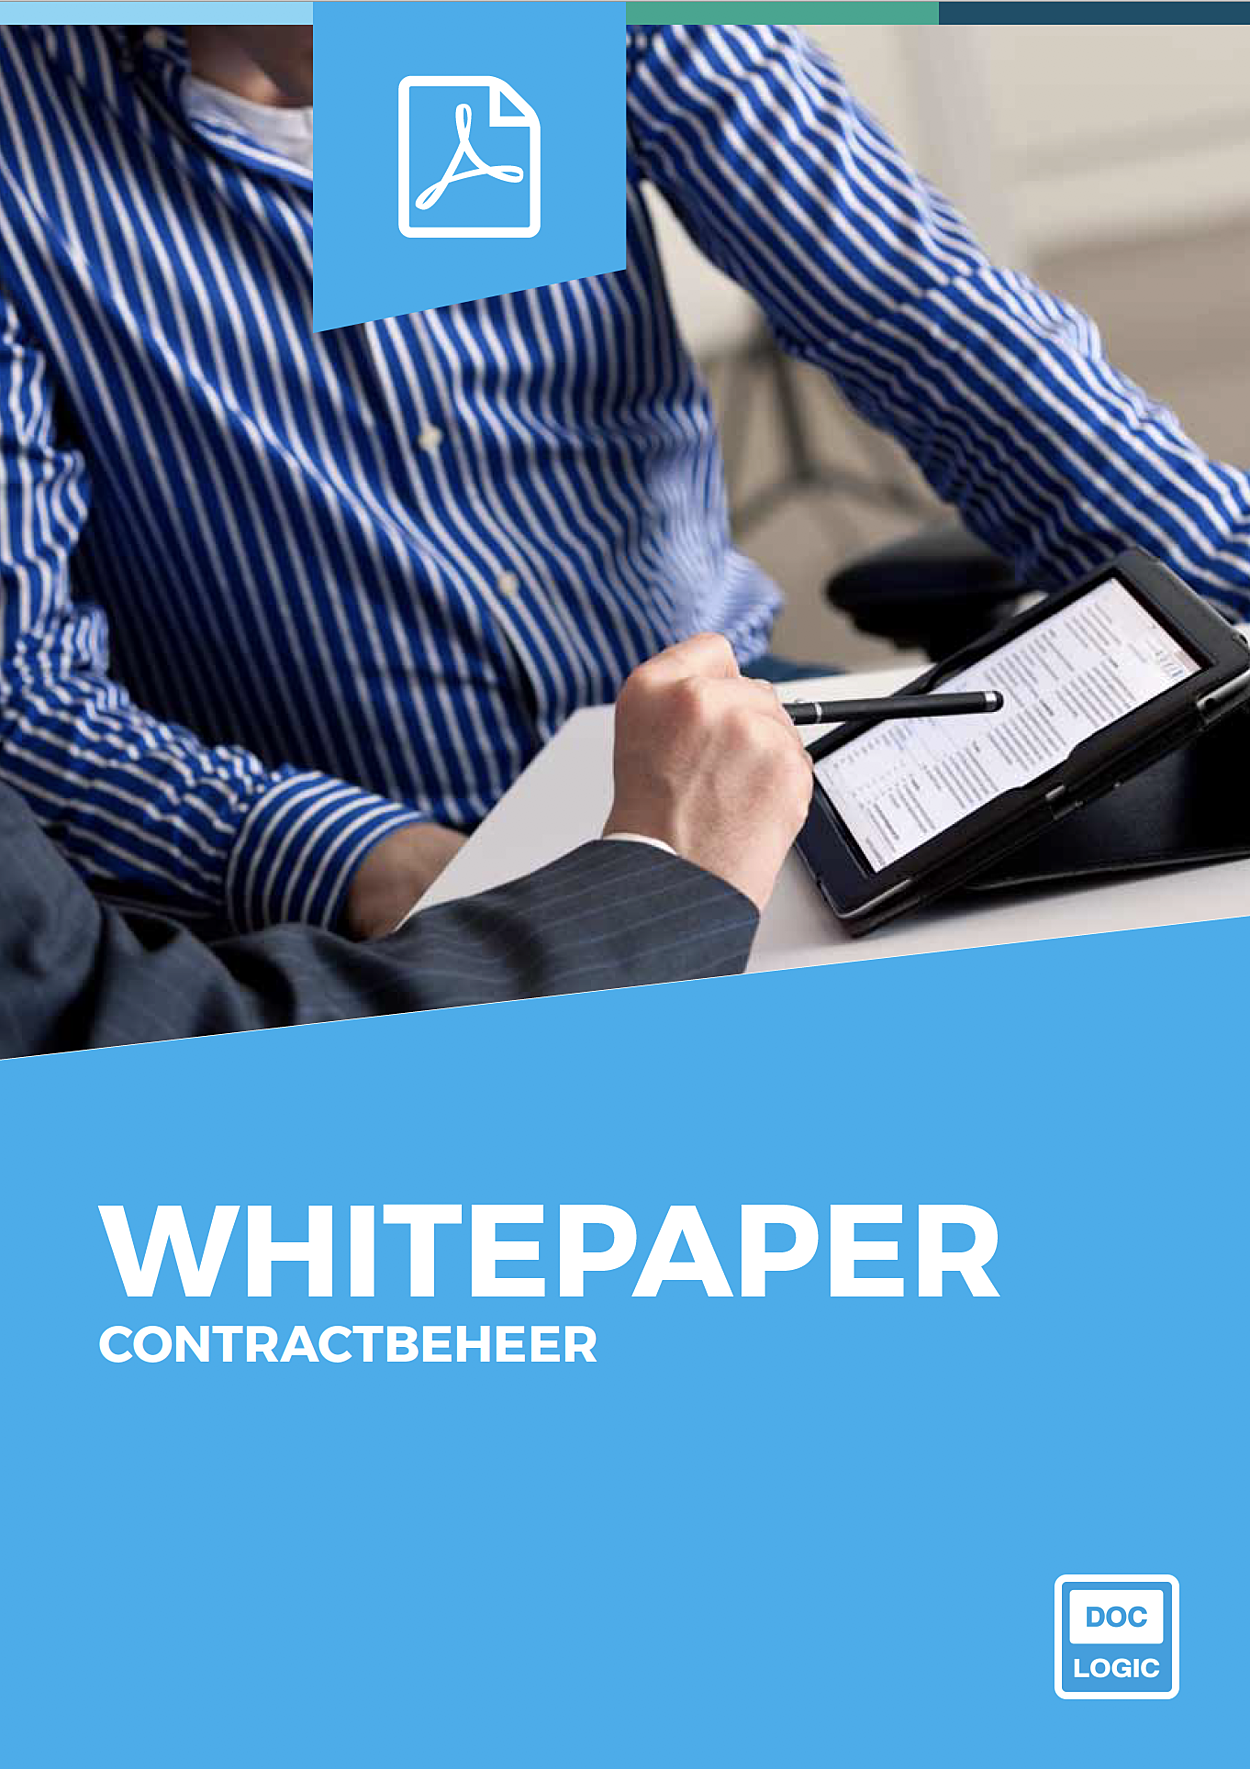 PDF_Contractbeheer_-_Whitepaper_Voorkant.jpg